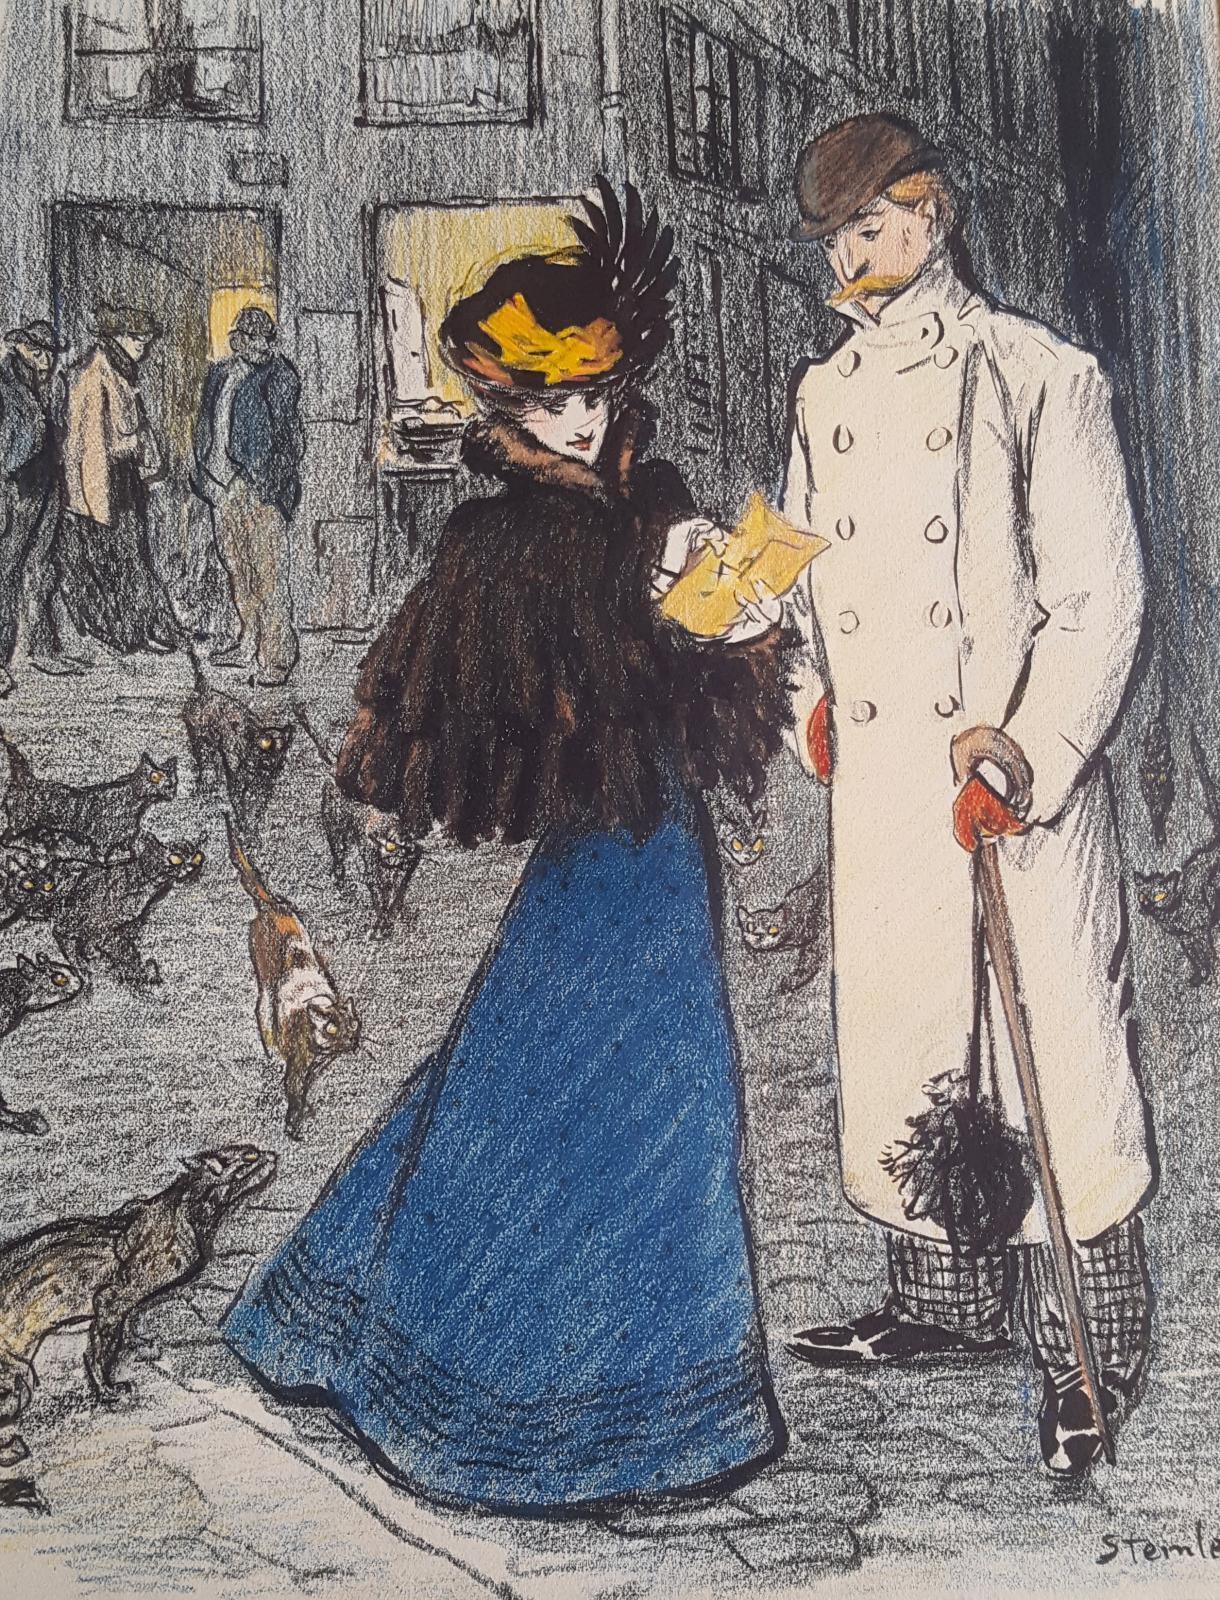 Dessin original pour « La Cendre », nouvelle de Maurice Donnay.Paru dans le Gil Blas illustré, le 4 mars 1898.Crayon gras, encre de Chine